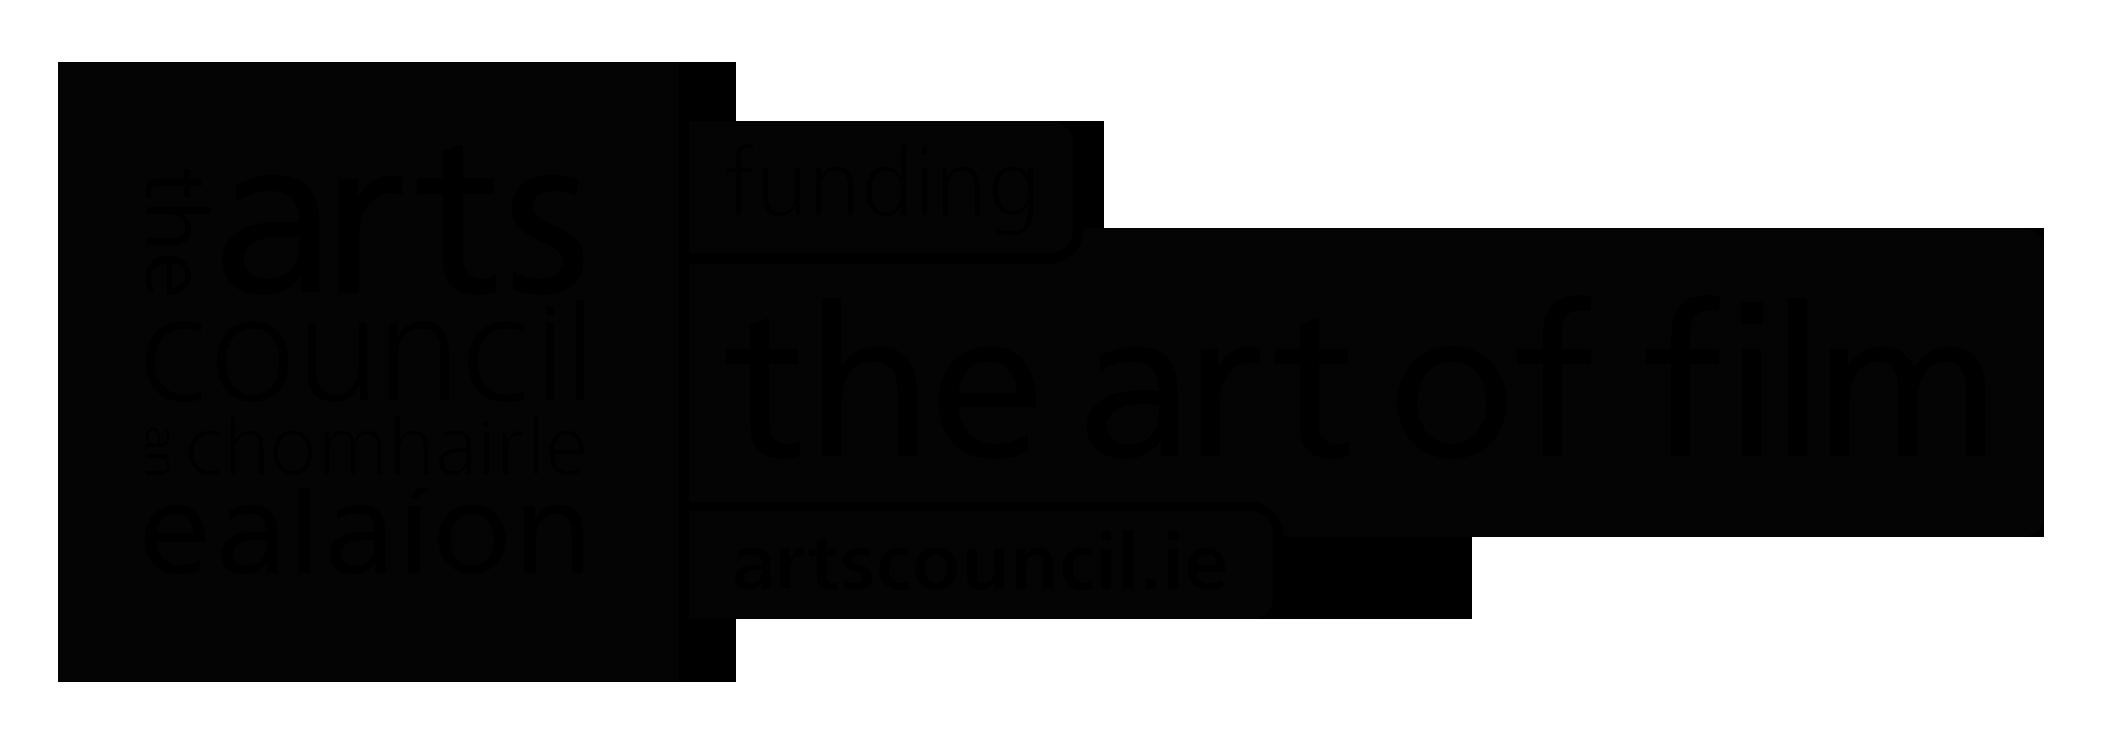 Arts Council Ireland logo